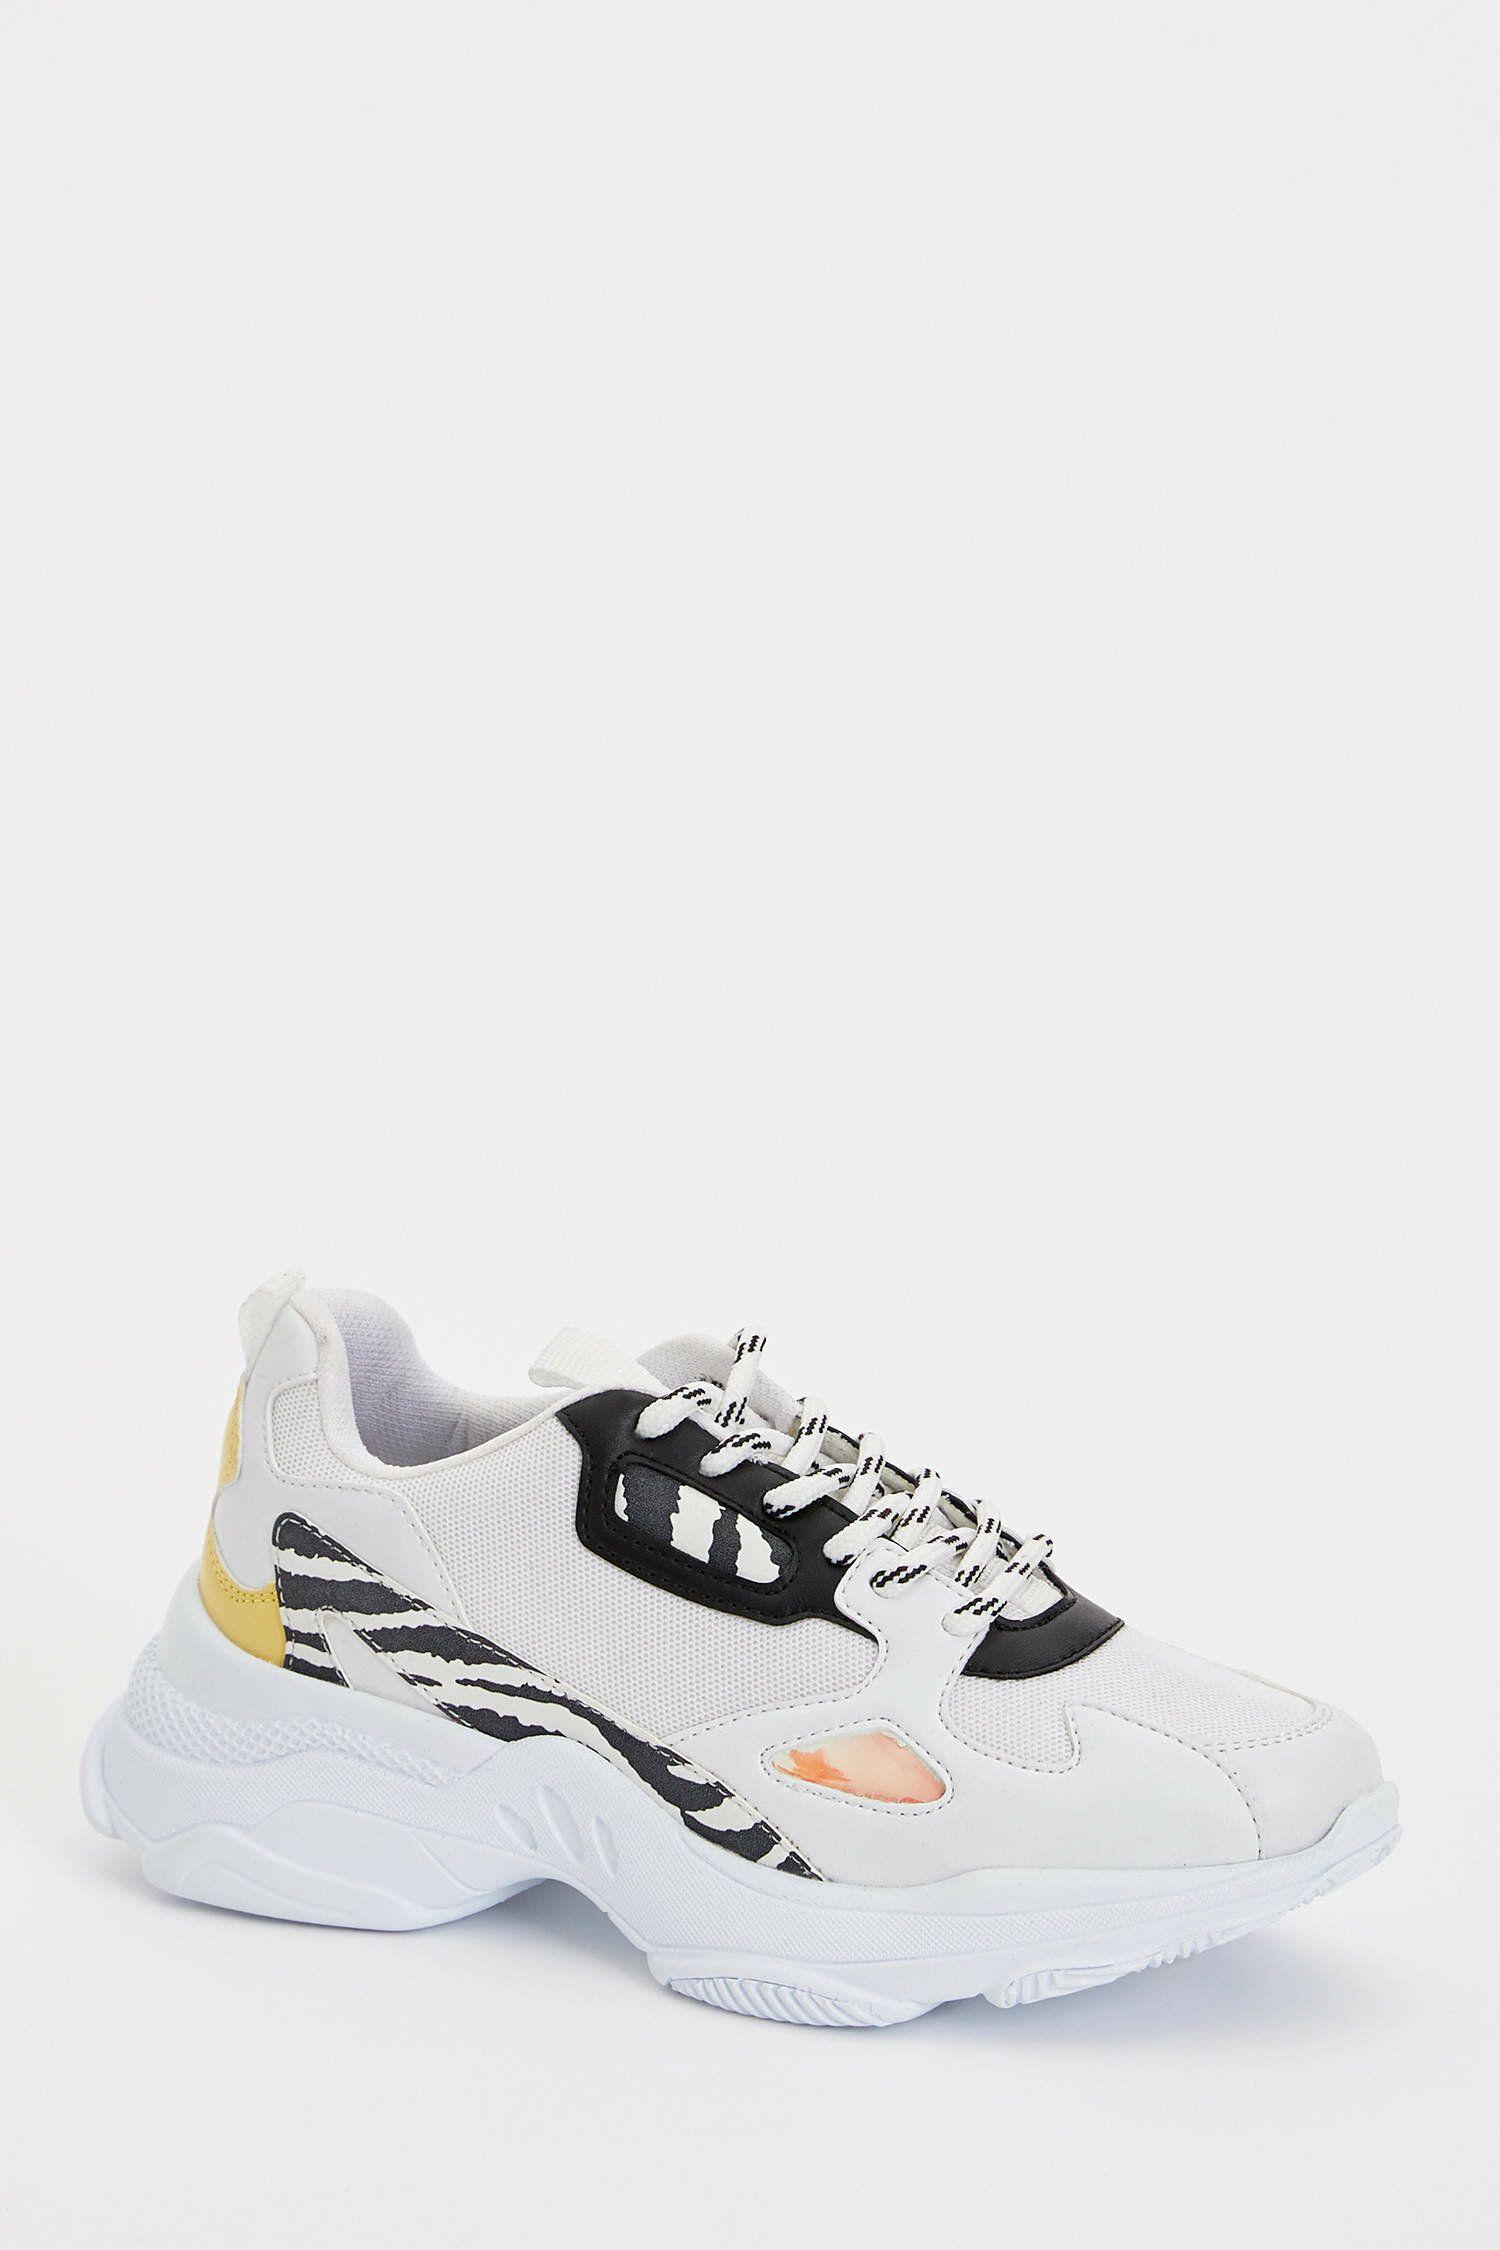 Beyaz Kadin Yuksek Taban Bagcikli Sneaker 1074687 Defacto 2020 Sneaker Tabata Kadin